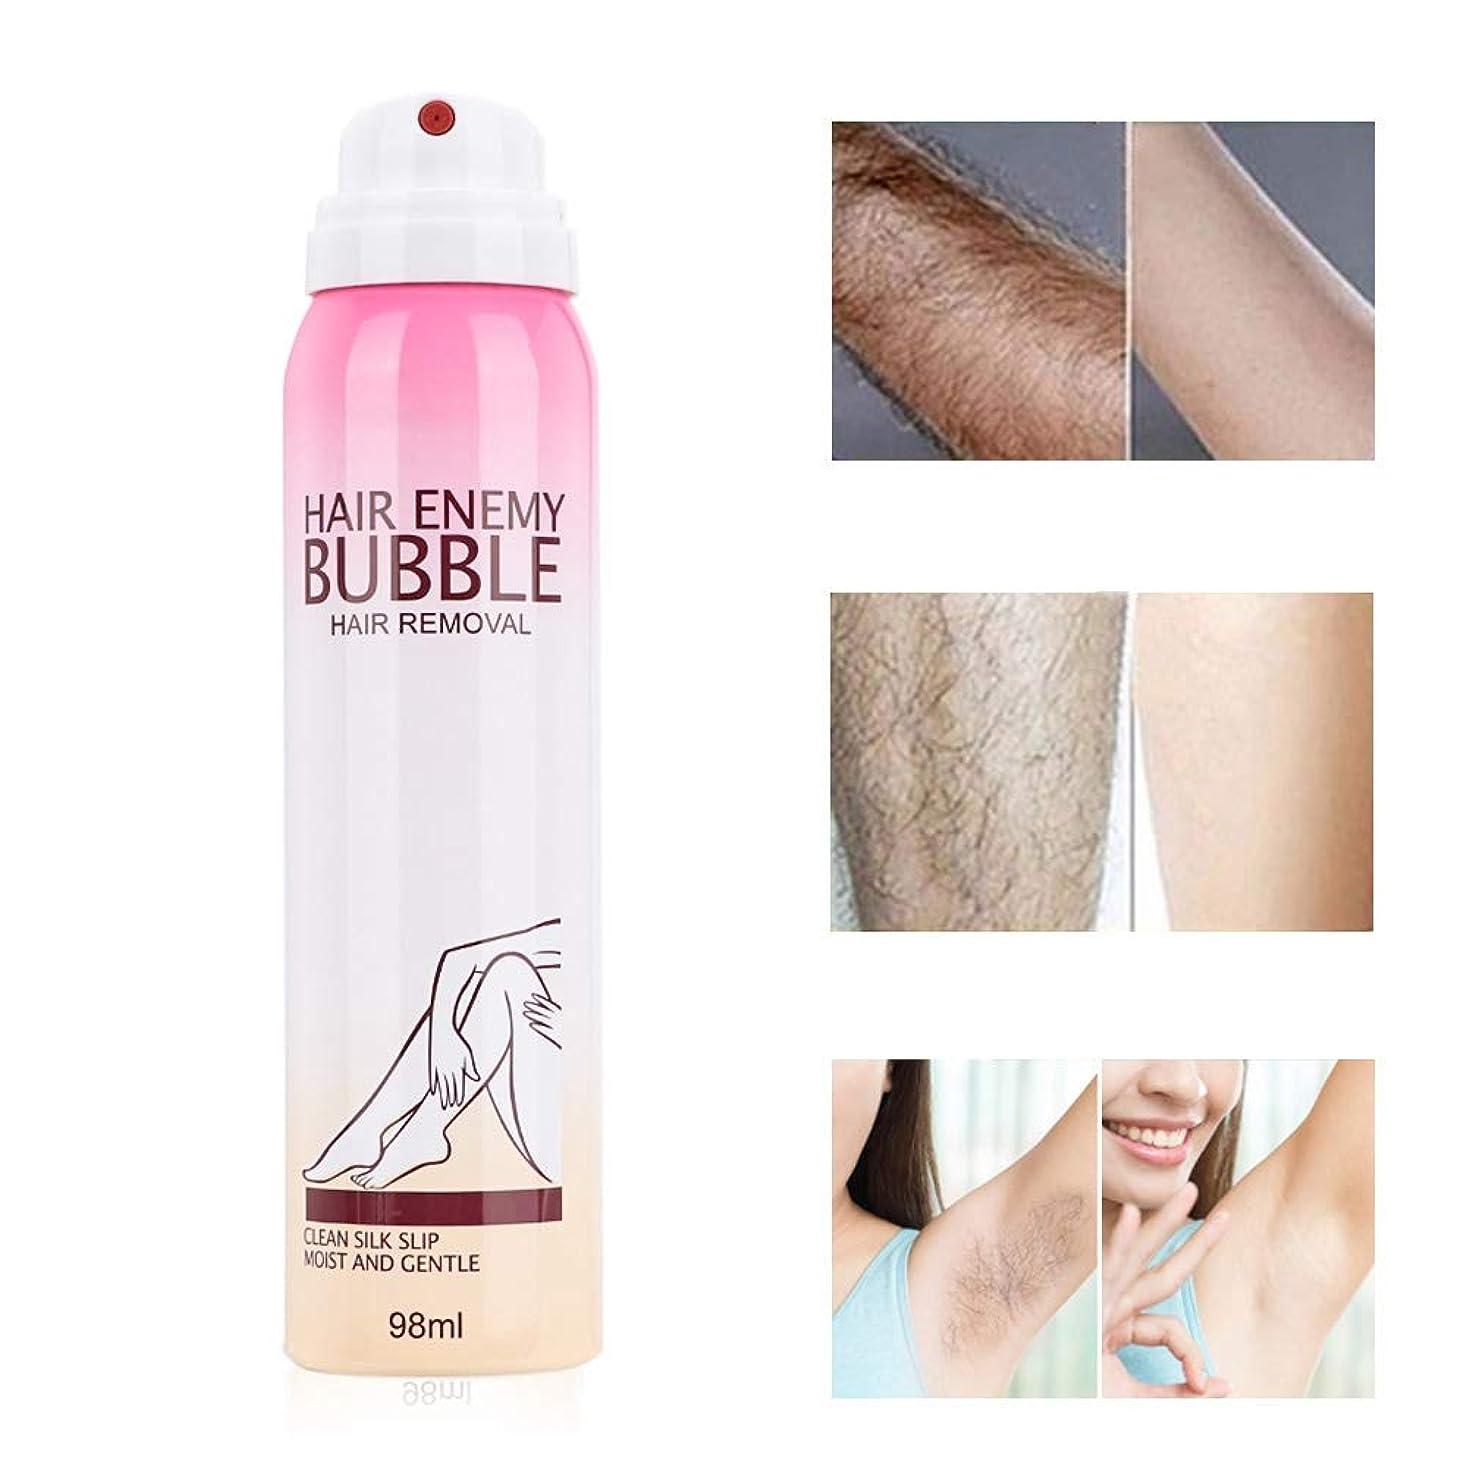 パス深さなので泡毛除去クリーム、ナチュラル痛みのない肌にやさしいソフトと長続きがする女性のためのヘアリムーバースプレー穏やかな脱毛スプレーフォームクリーム98ミリリットル